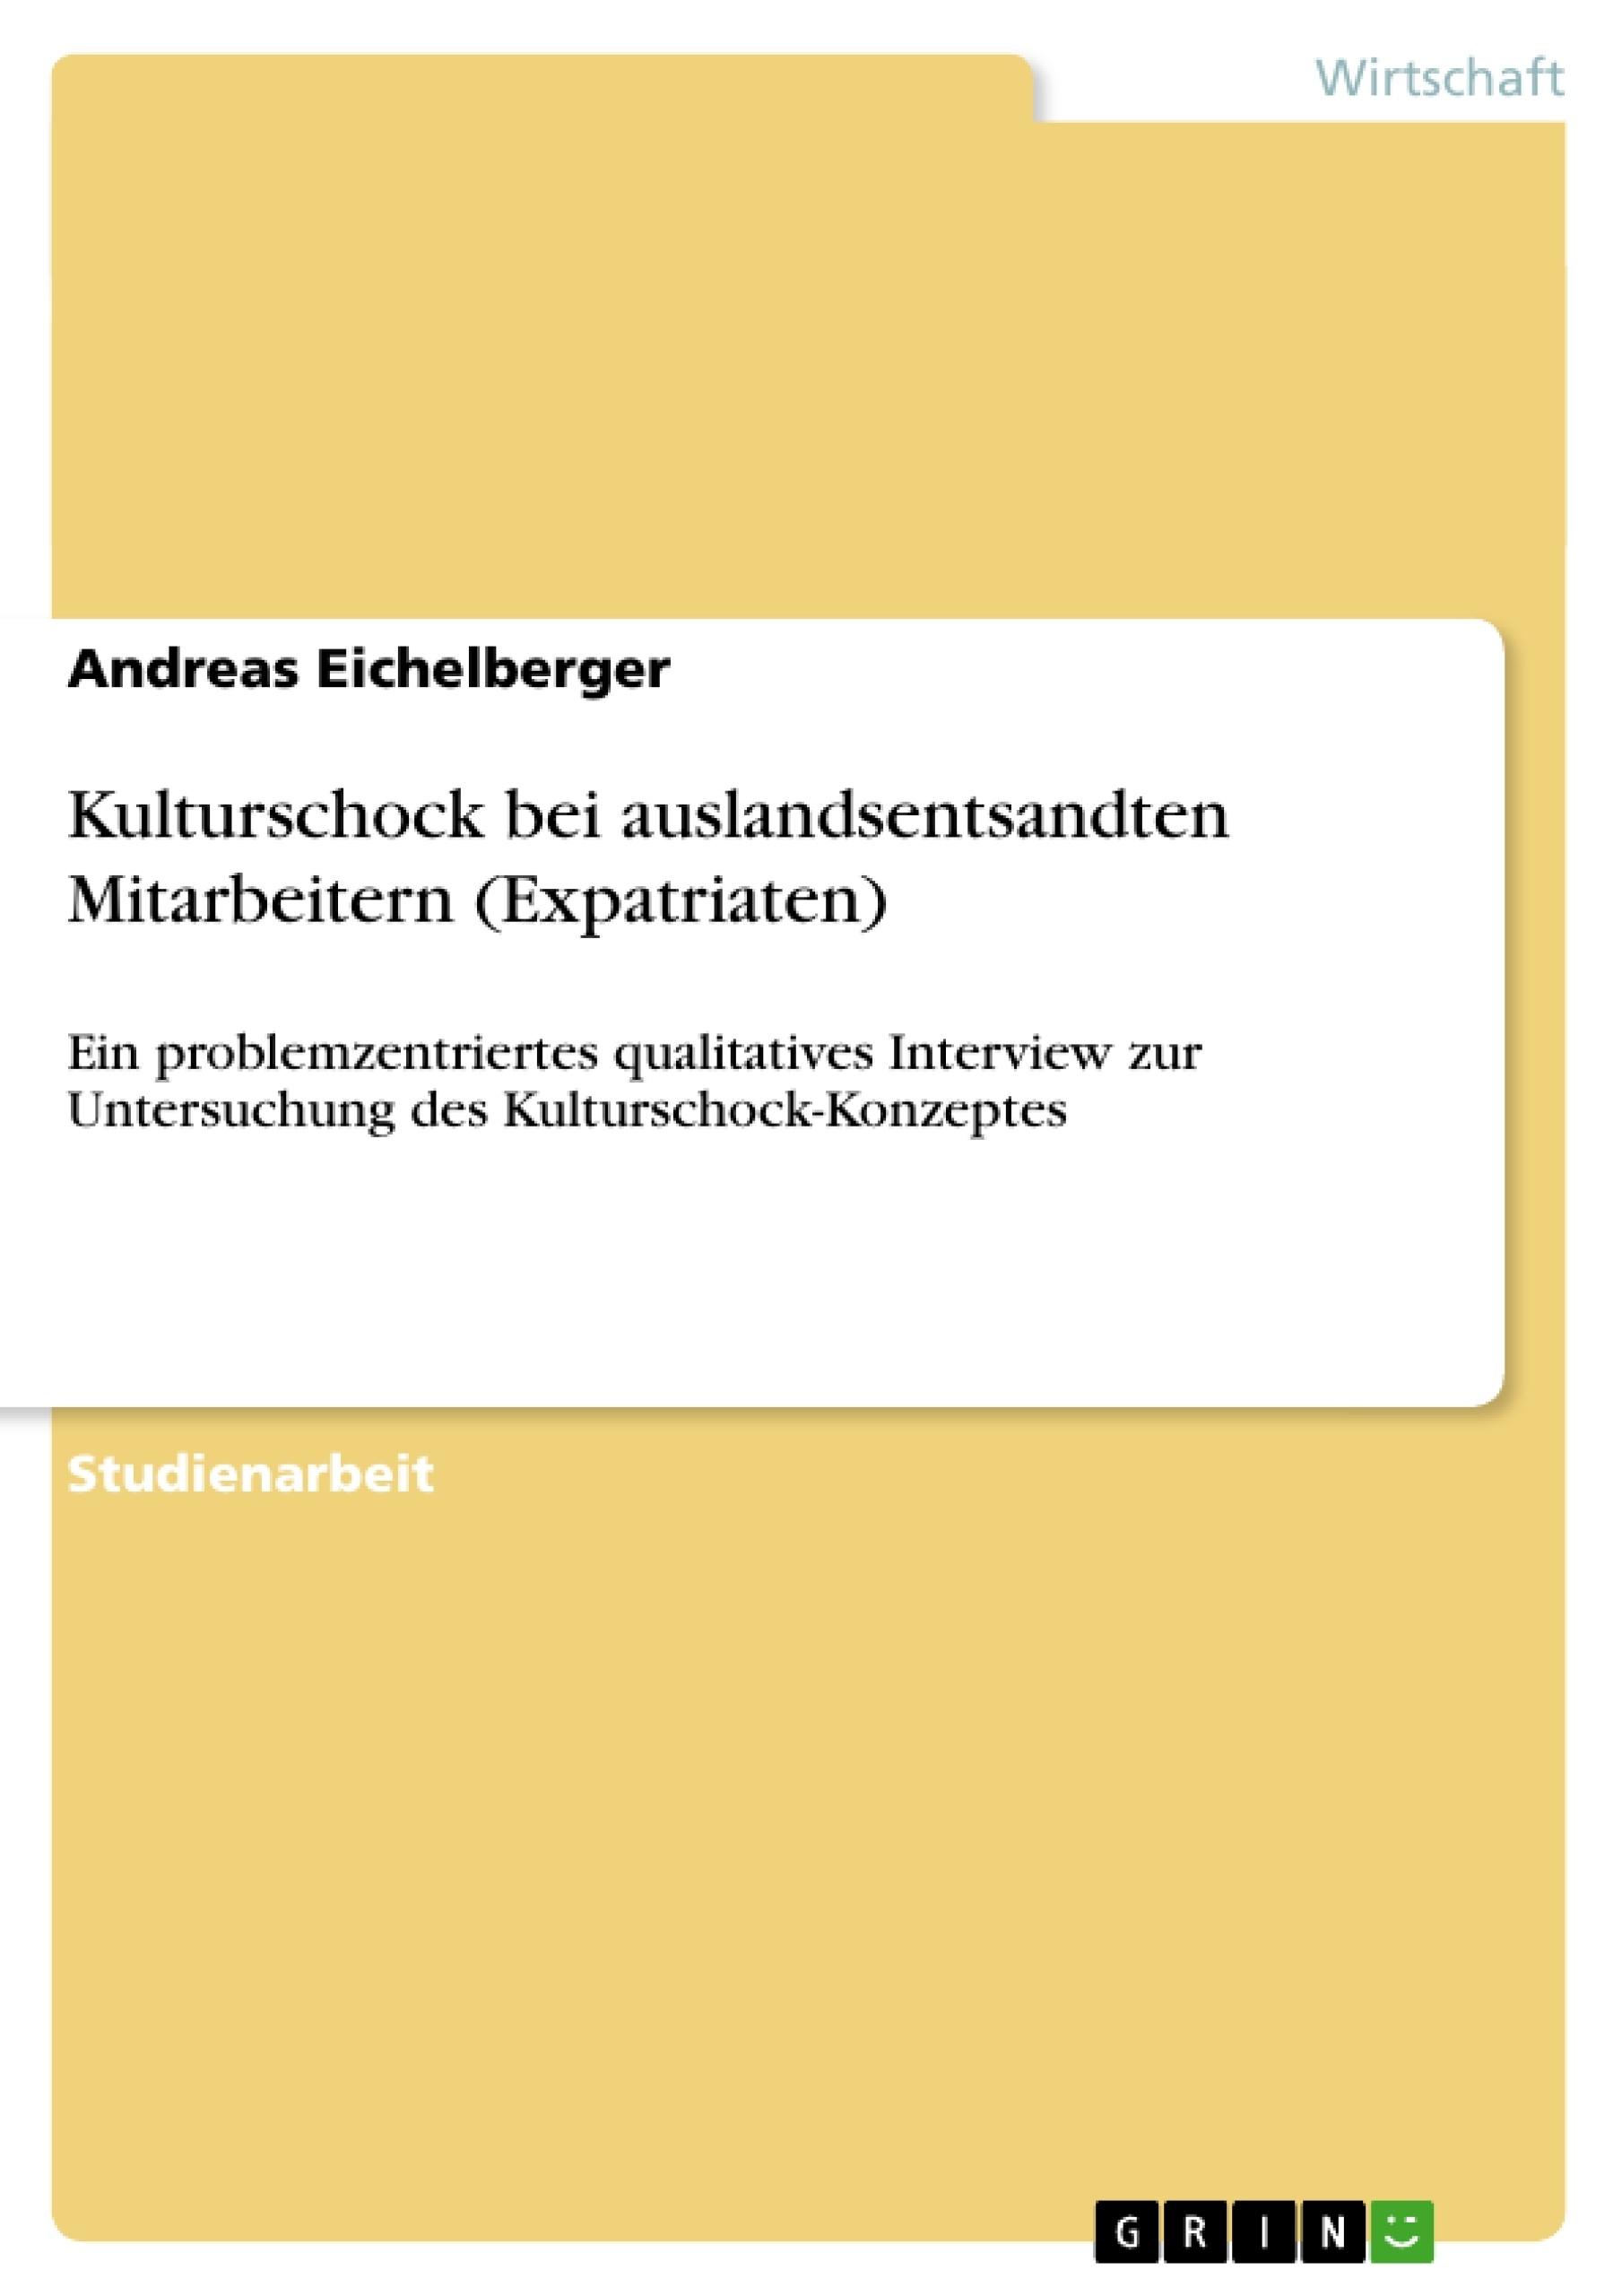 Titel: Kulturschock bei auslandsentsandten Mitarbeitern (Expatriaten)